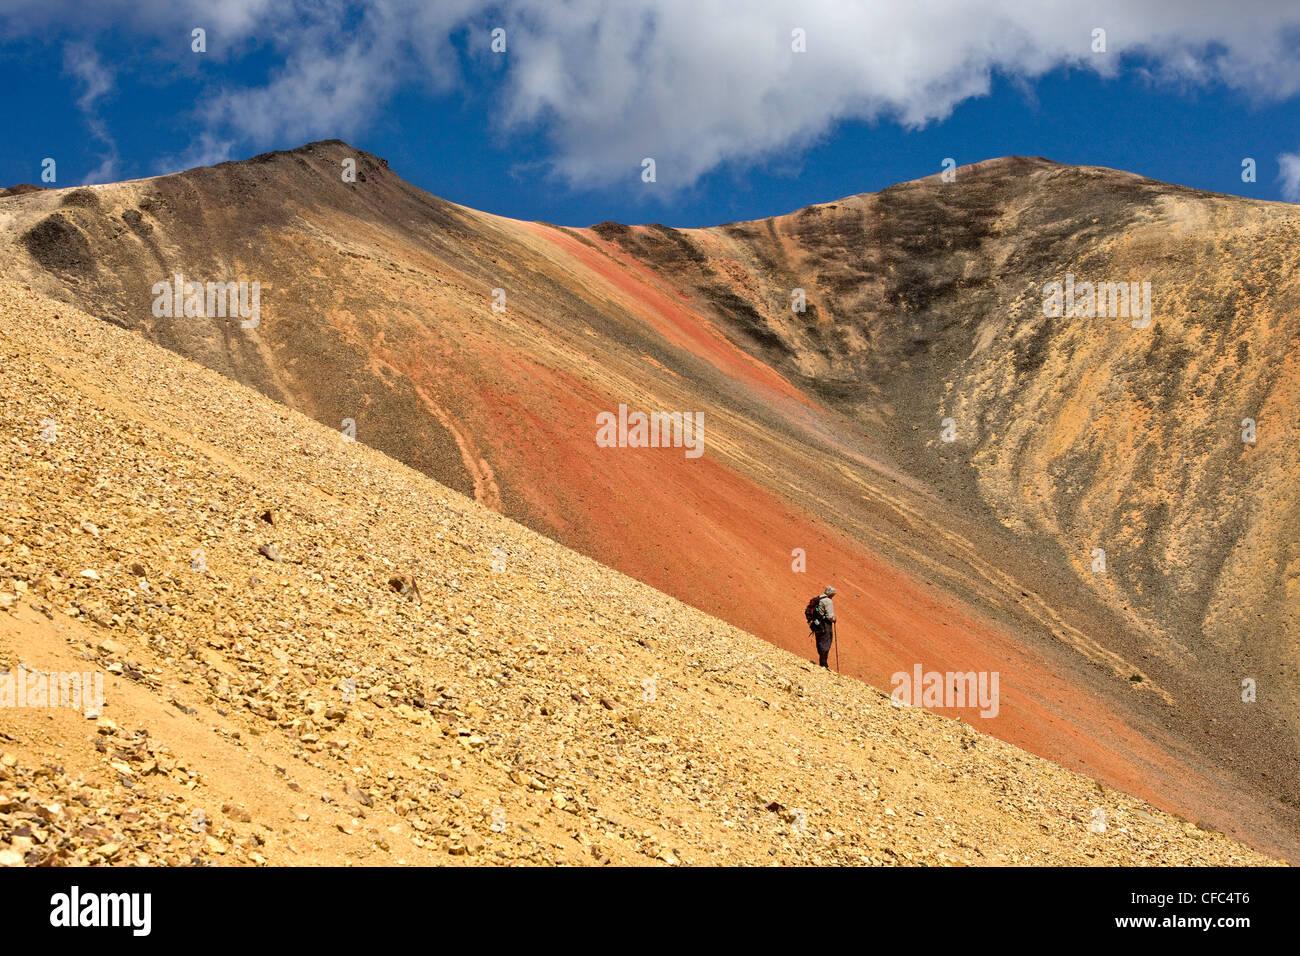 Randonnées dans le paysage volcanique de l'Arc-en-ciel montagnes de Colombie-Britannique Canada Banque D'Images